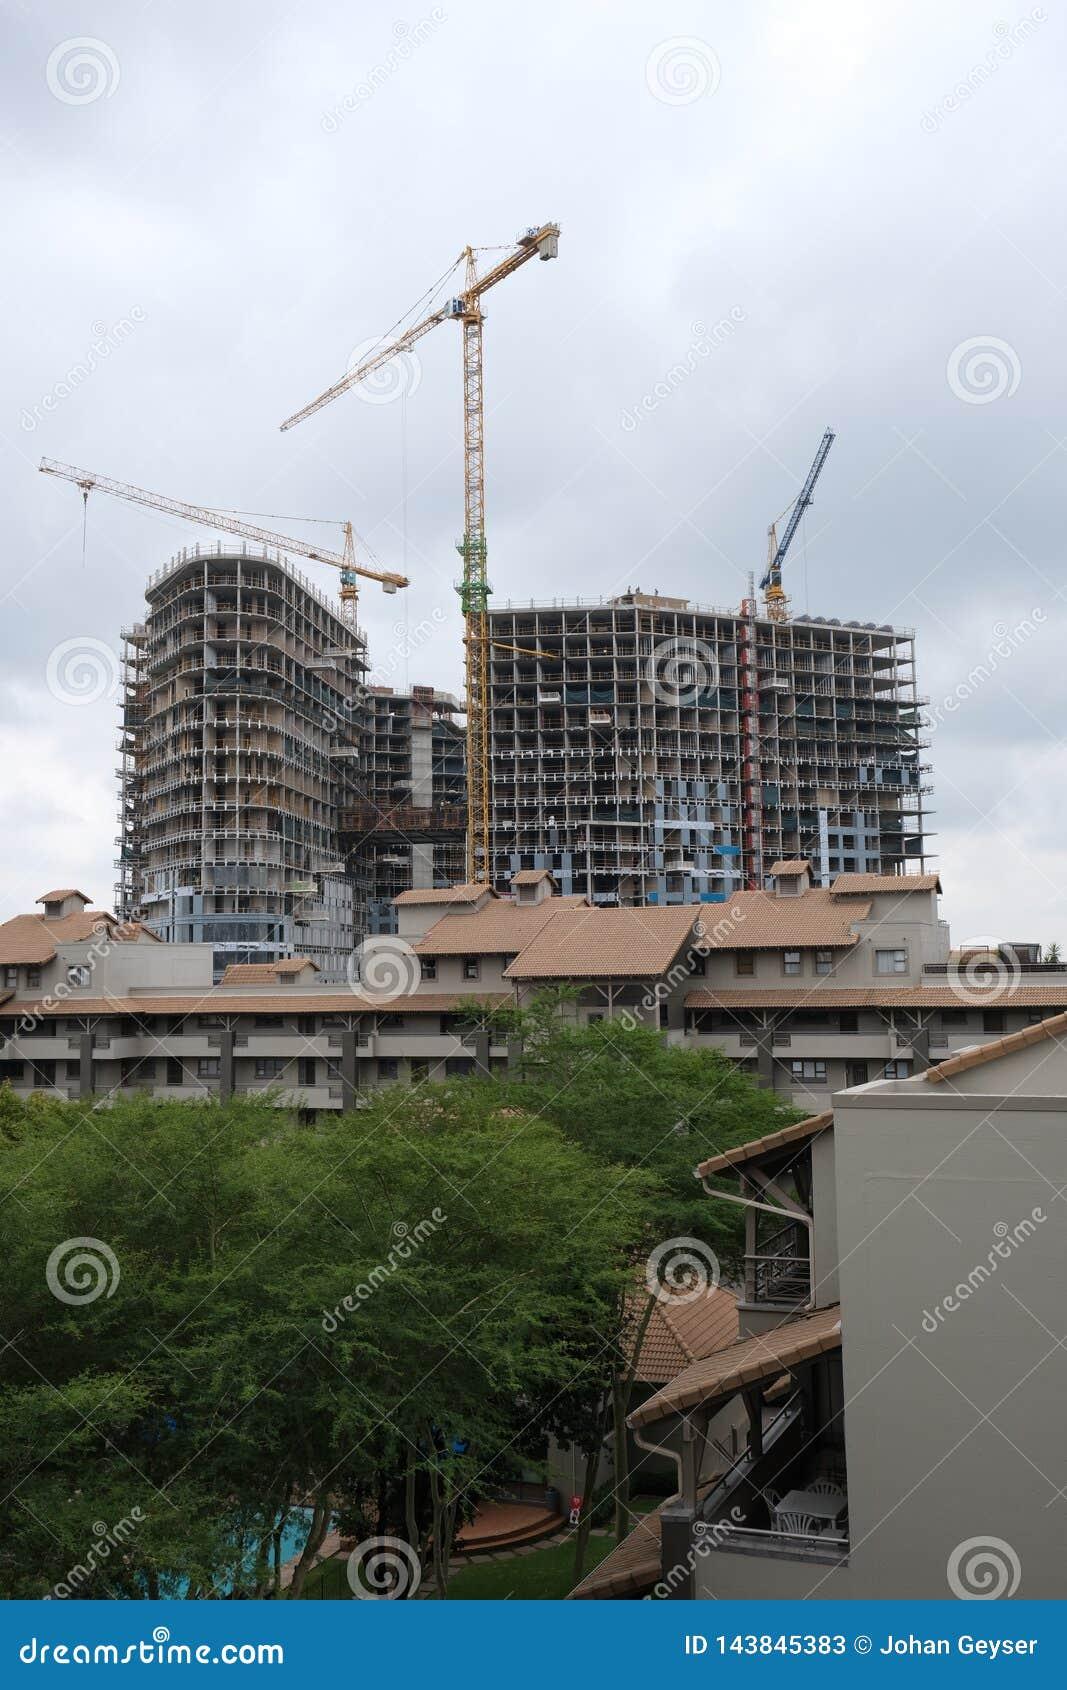 Κατασκευή μιας πολυκατοικίας σε Sandton, Γιοχάνεσμπουργκ, Soiuth Αφρική στις 2 Απριλίου 2019